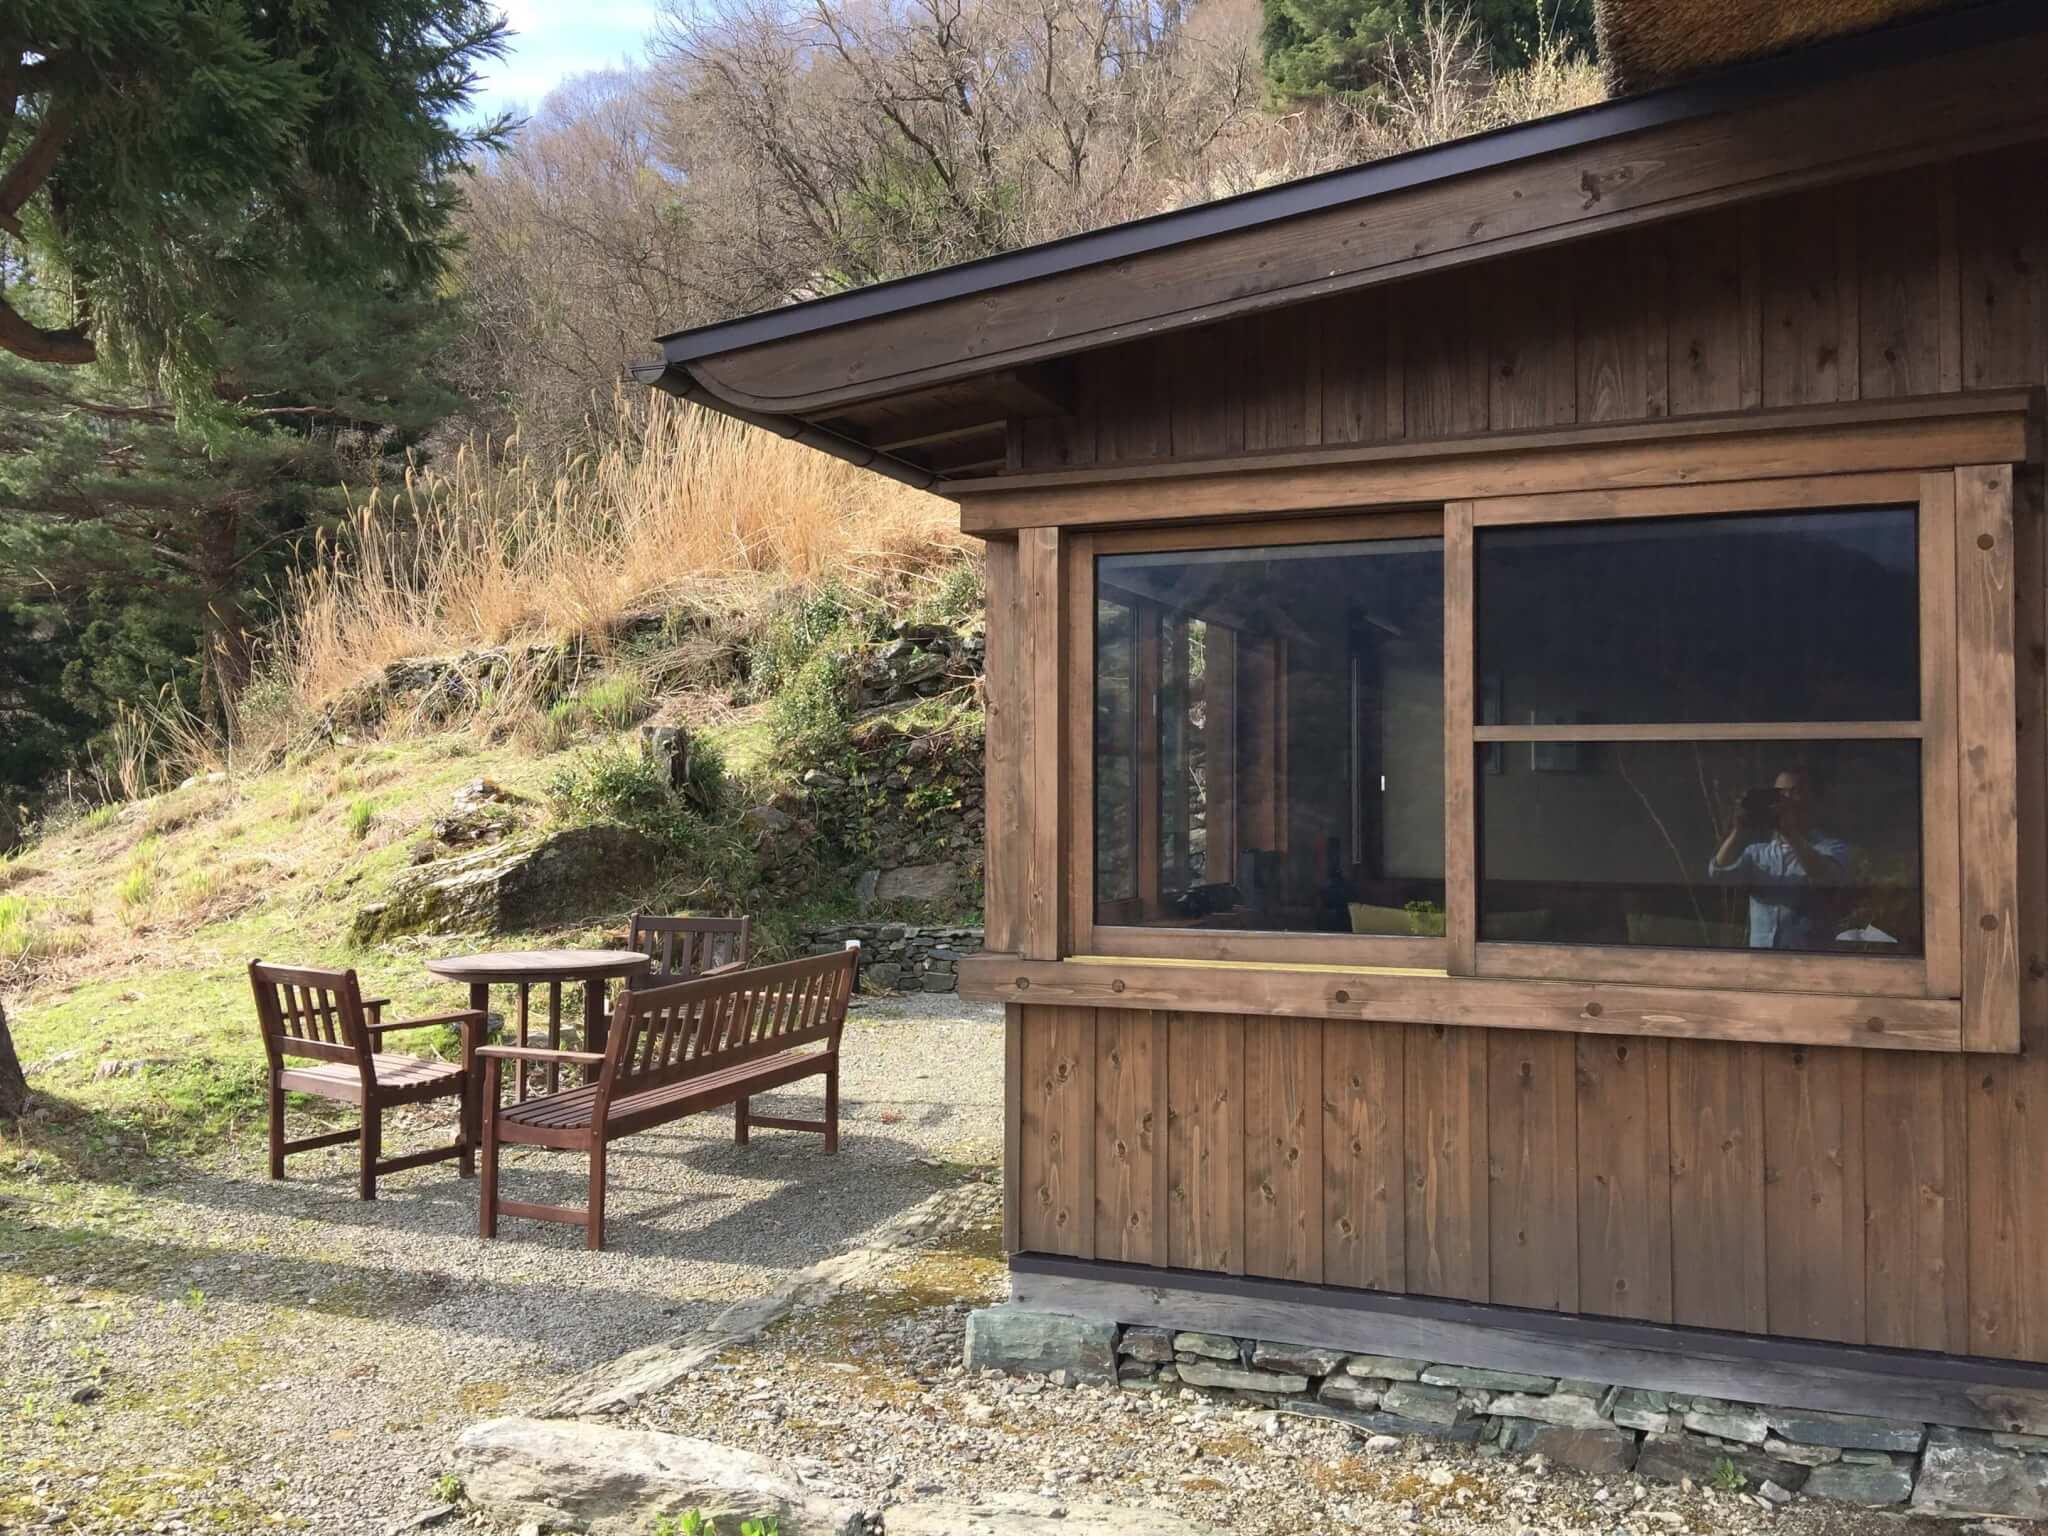 徳島・桃源郷祖谷の山里の天一方の外観